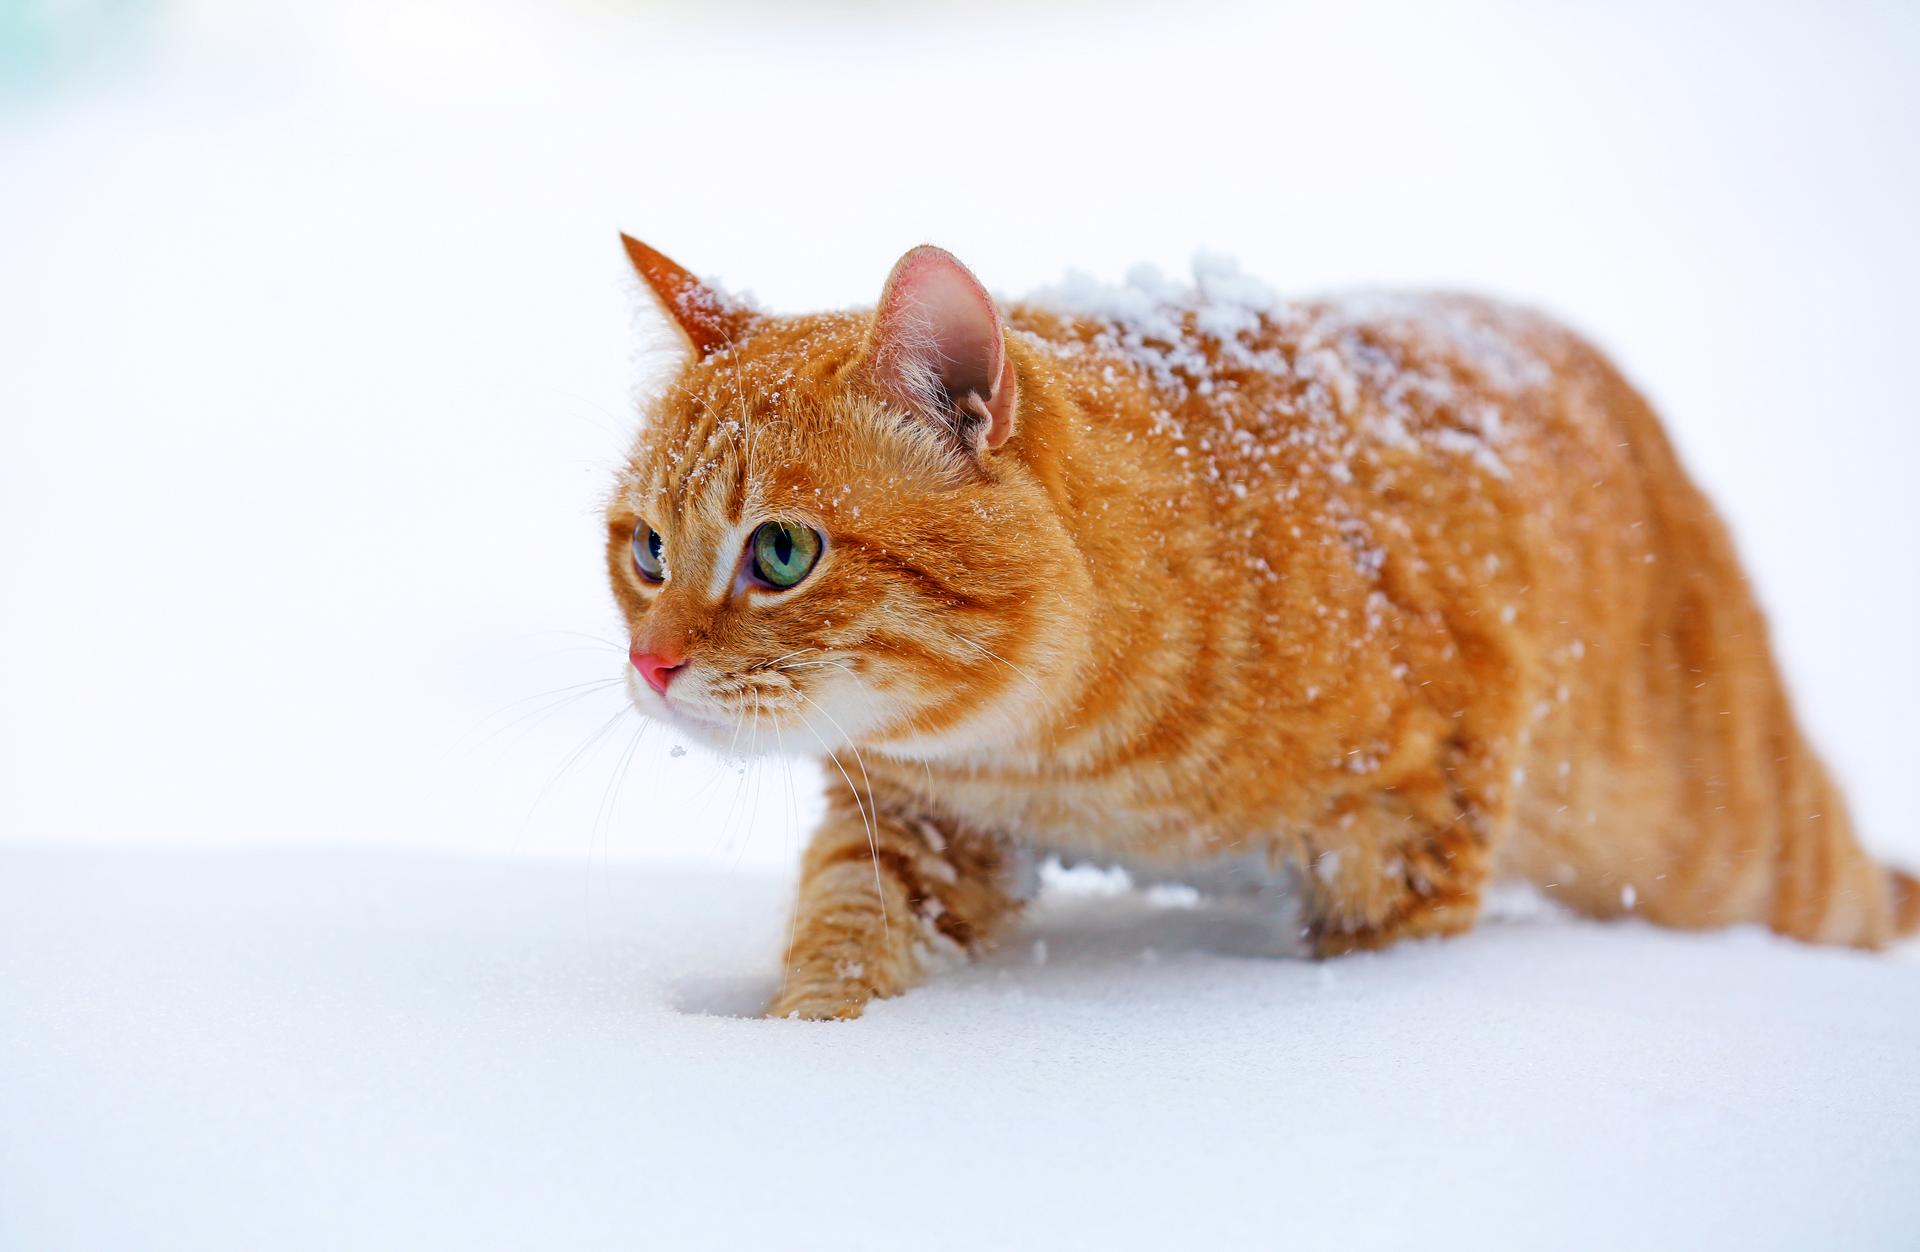 03_red cat - 1920-1250